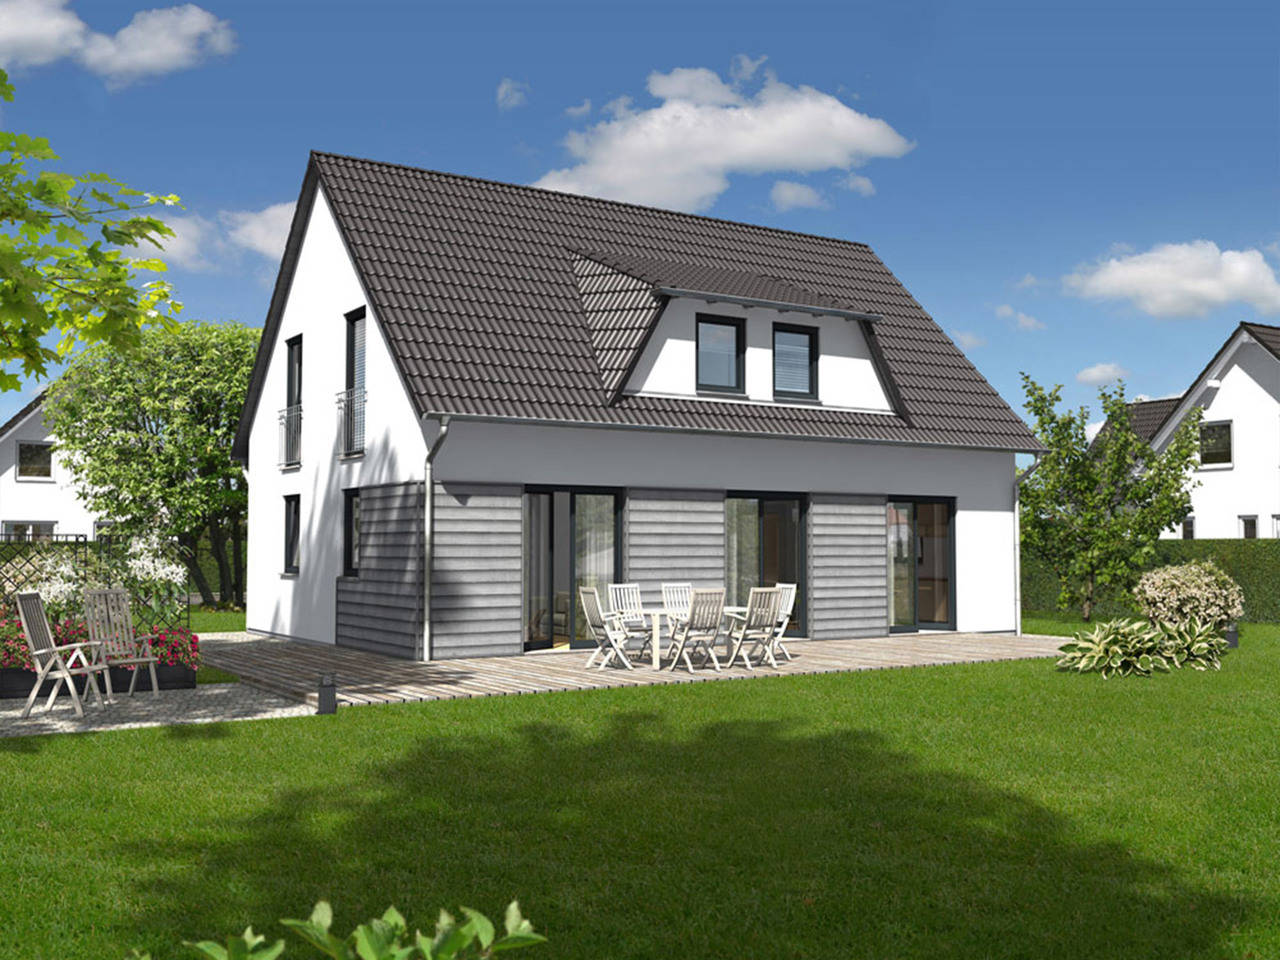 Landhaus 142 Elegance von Town & Country